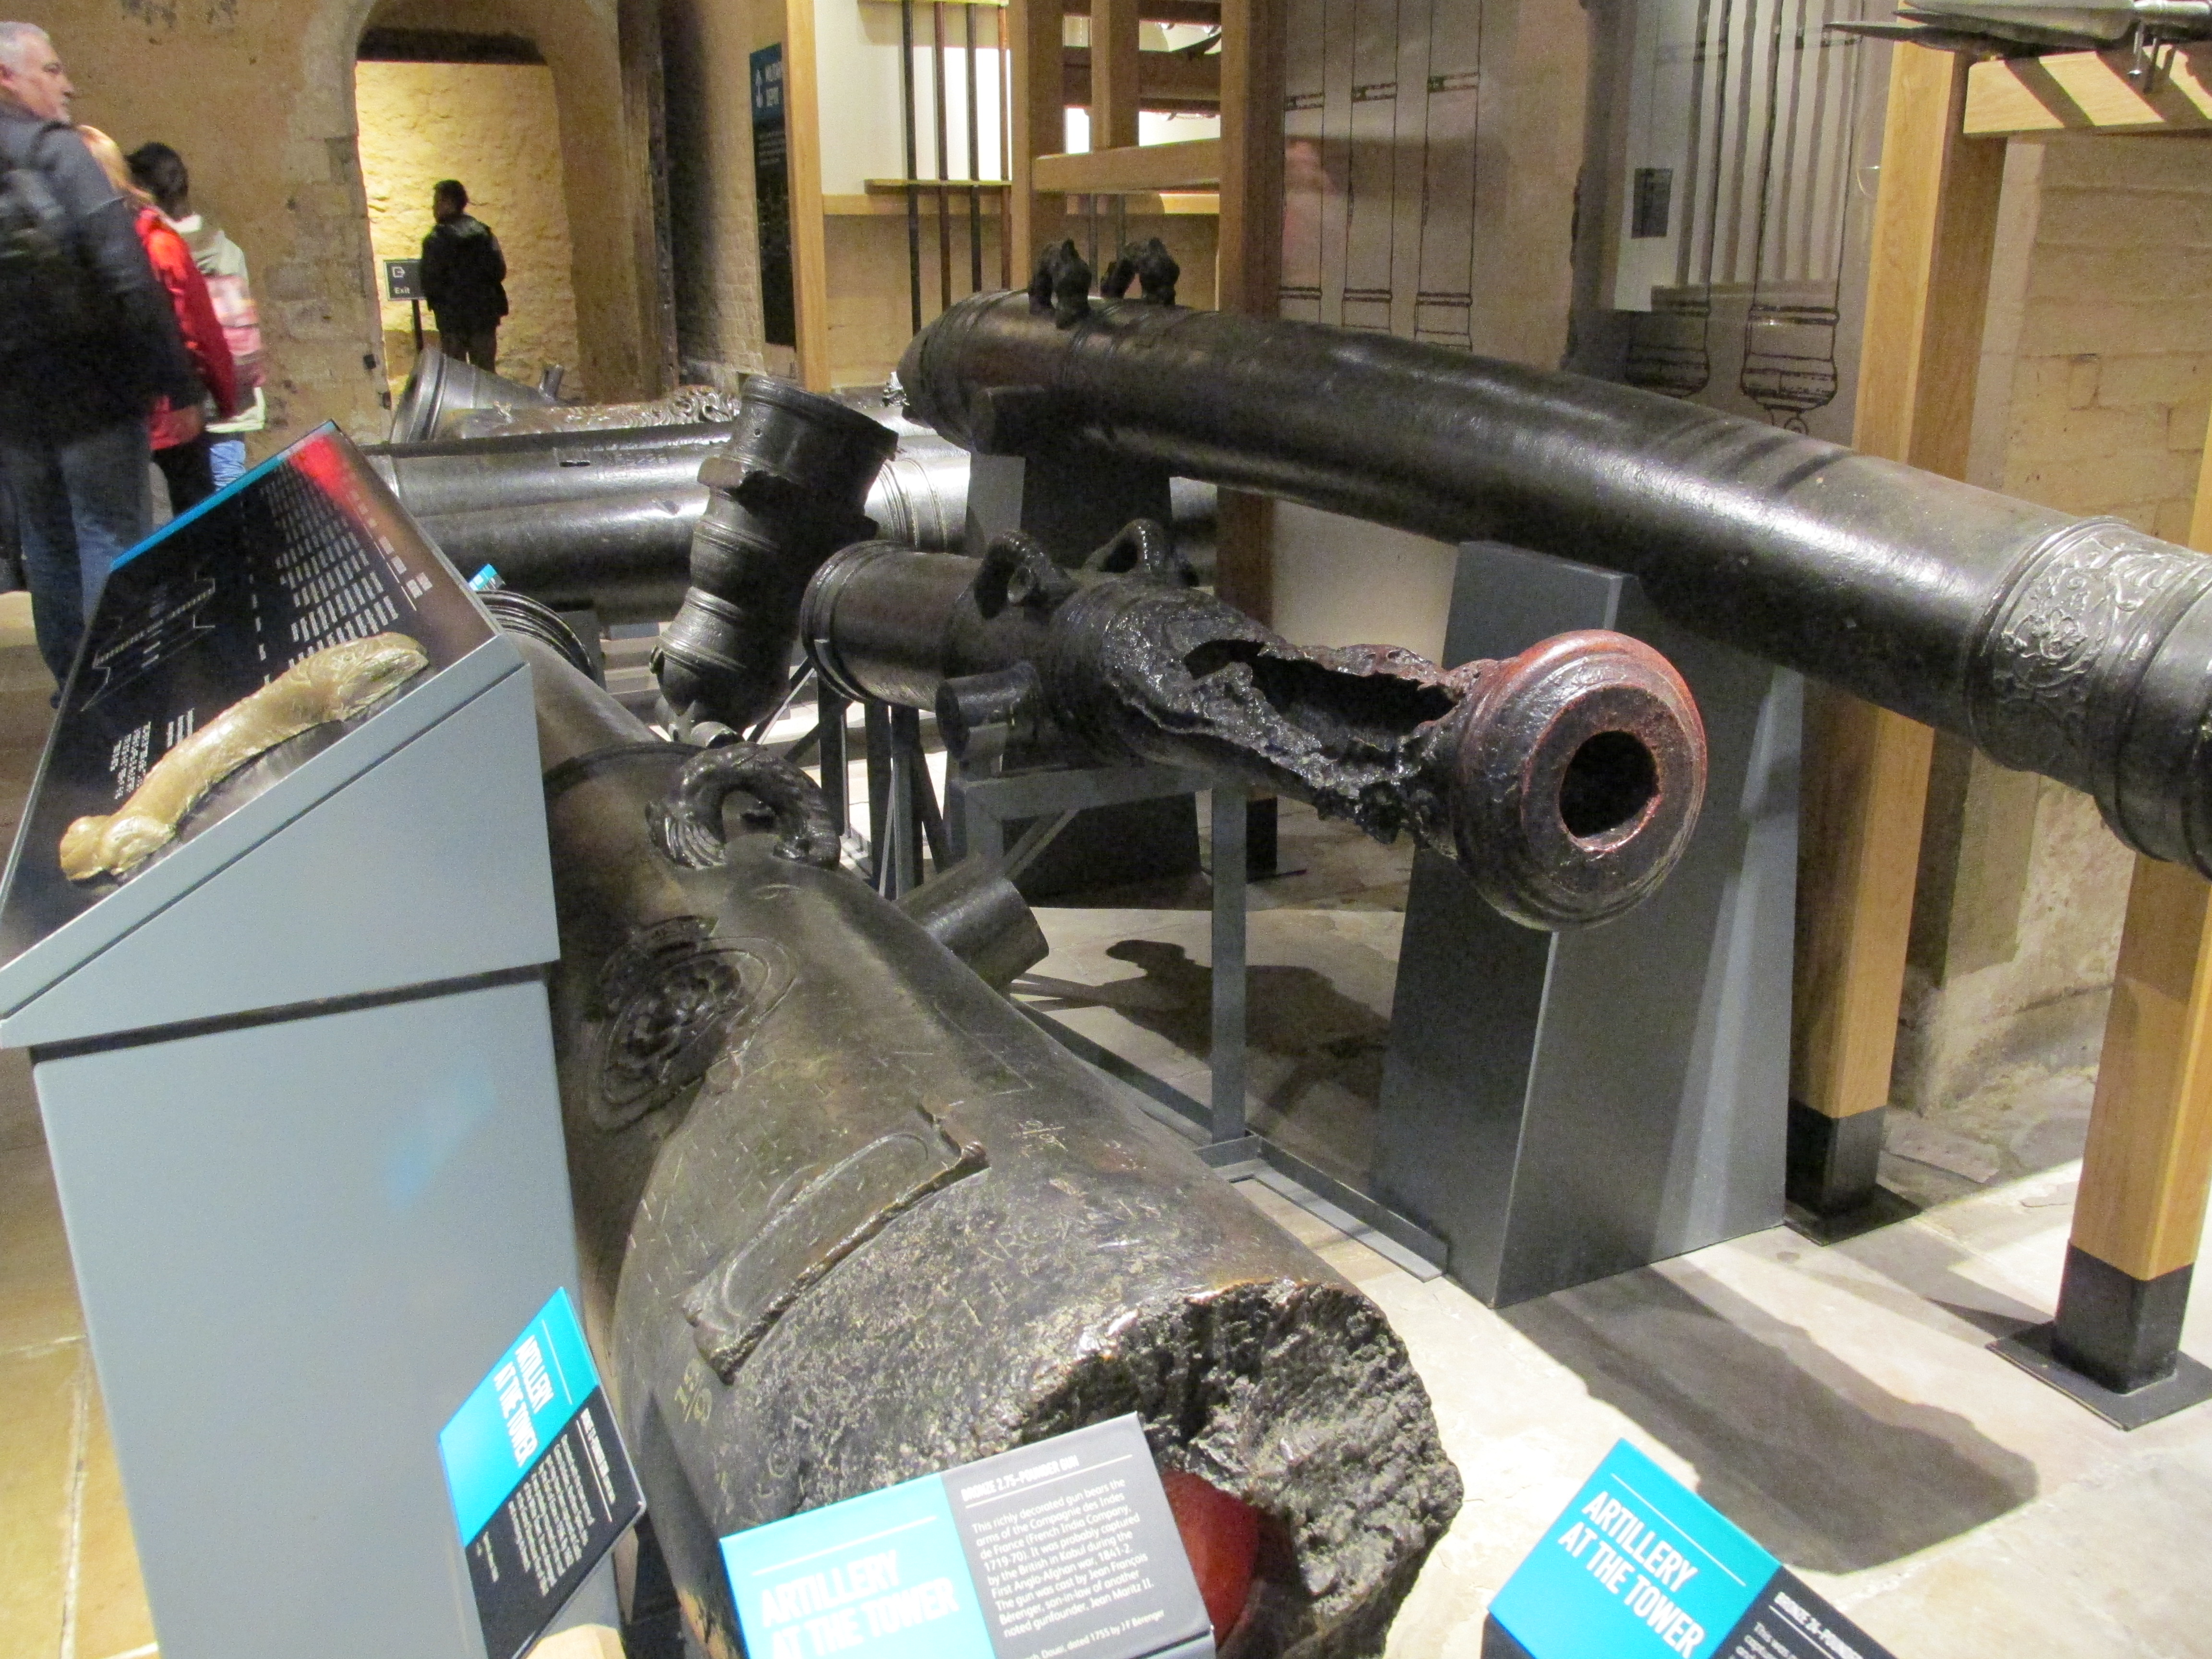 IMG 1801 - Visitando la Torre de Londres